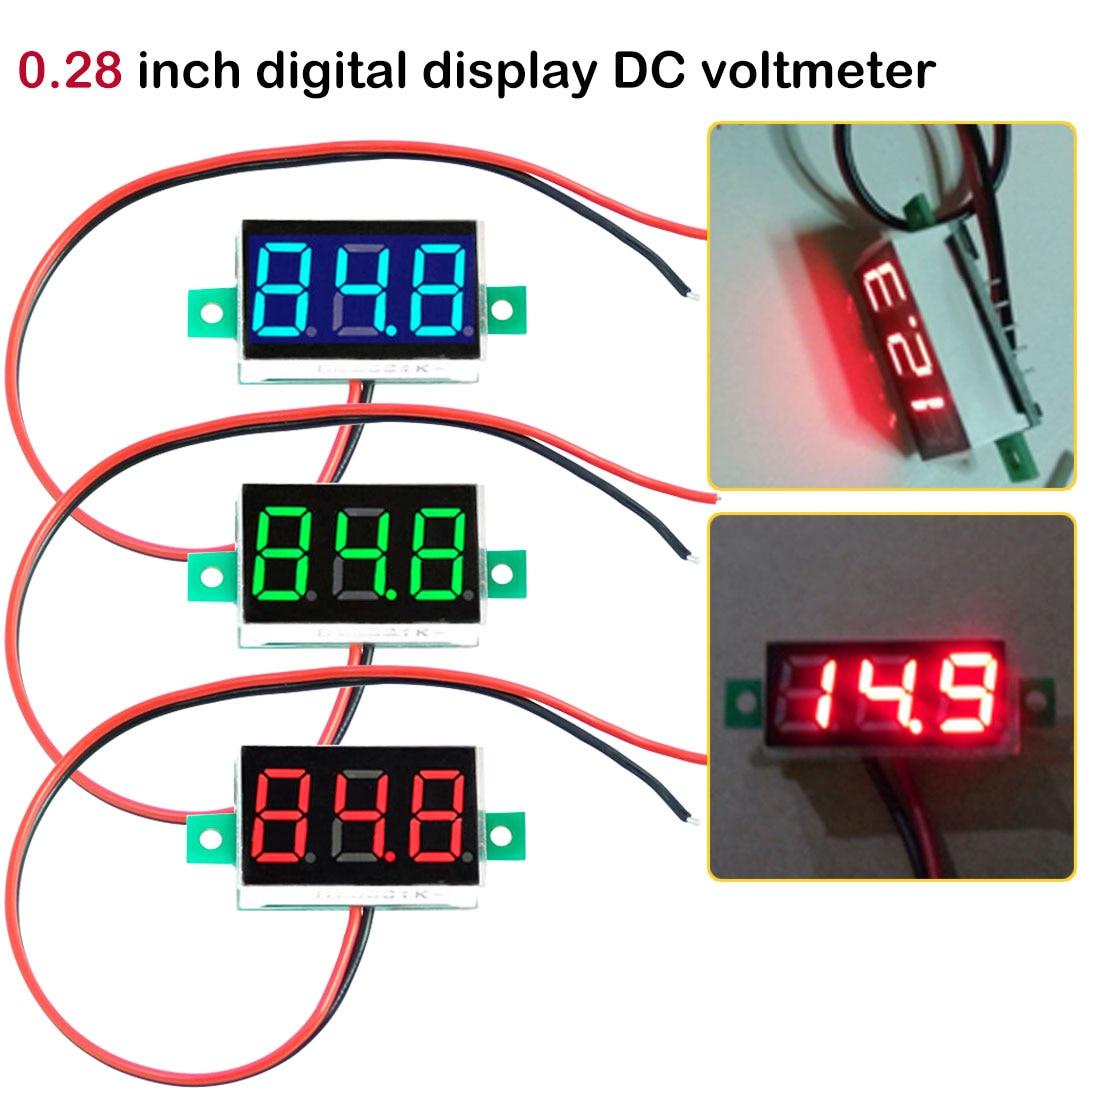 Mini Voltage Tester Meter Digital Voltmeter 0.28 Inch 2.5V-30V LED Screen Electronic Parts Accessories Digital Voltmeter